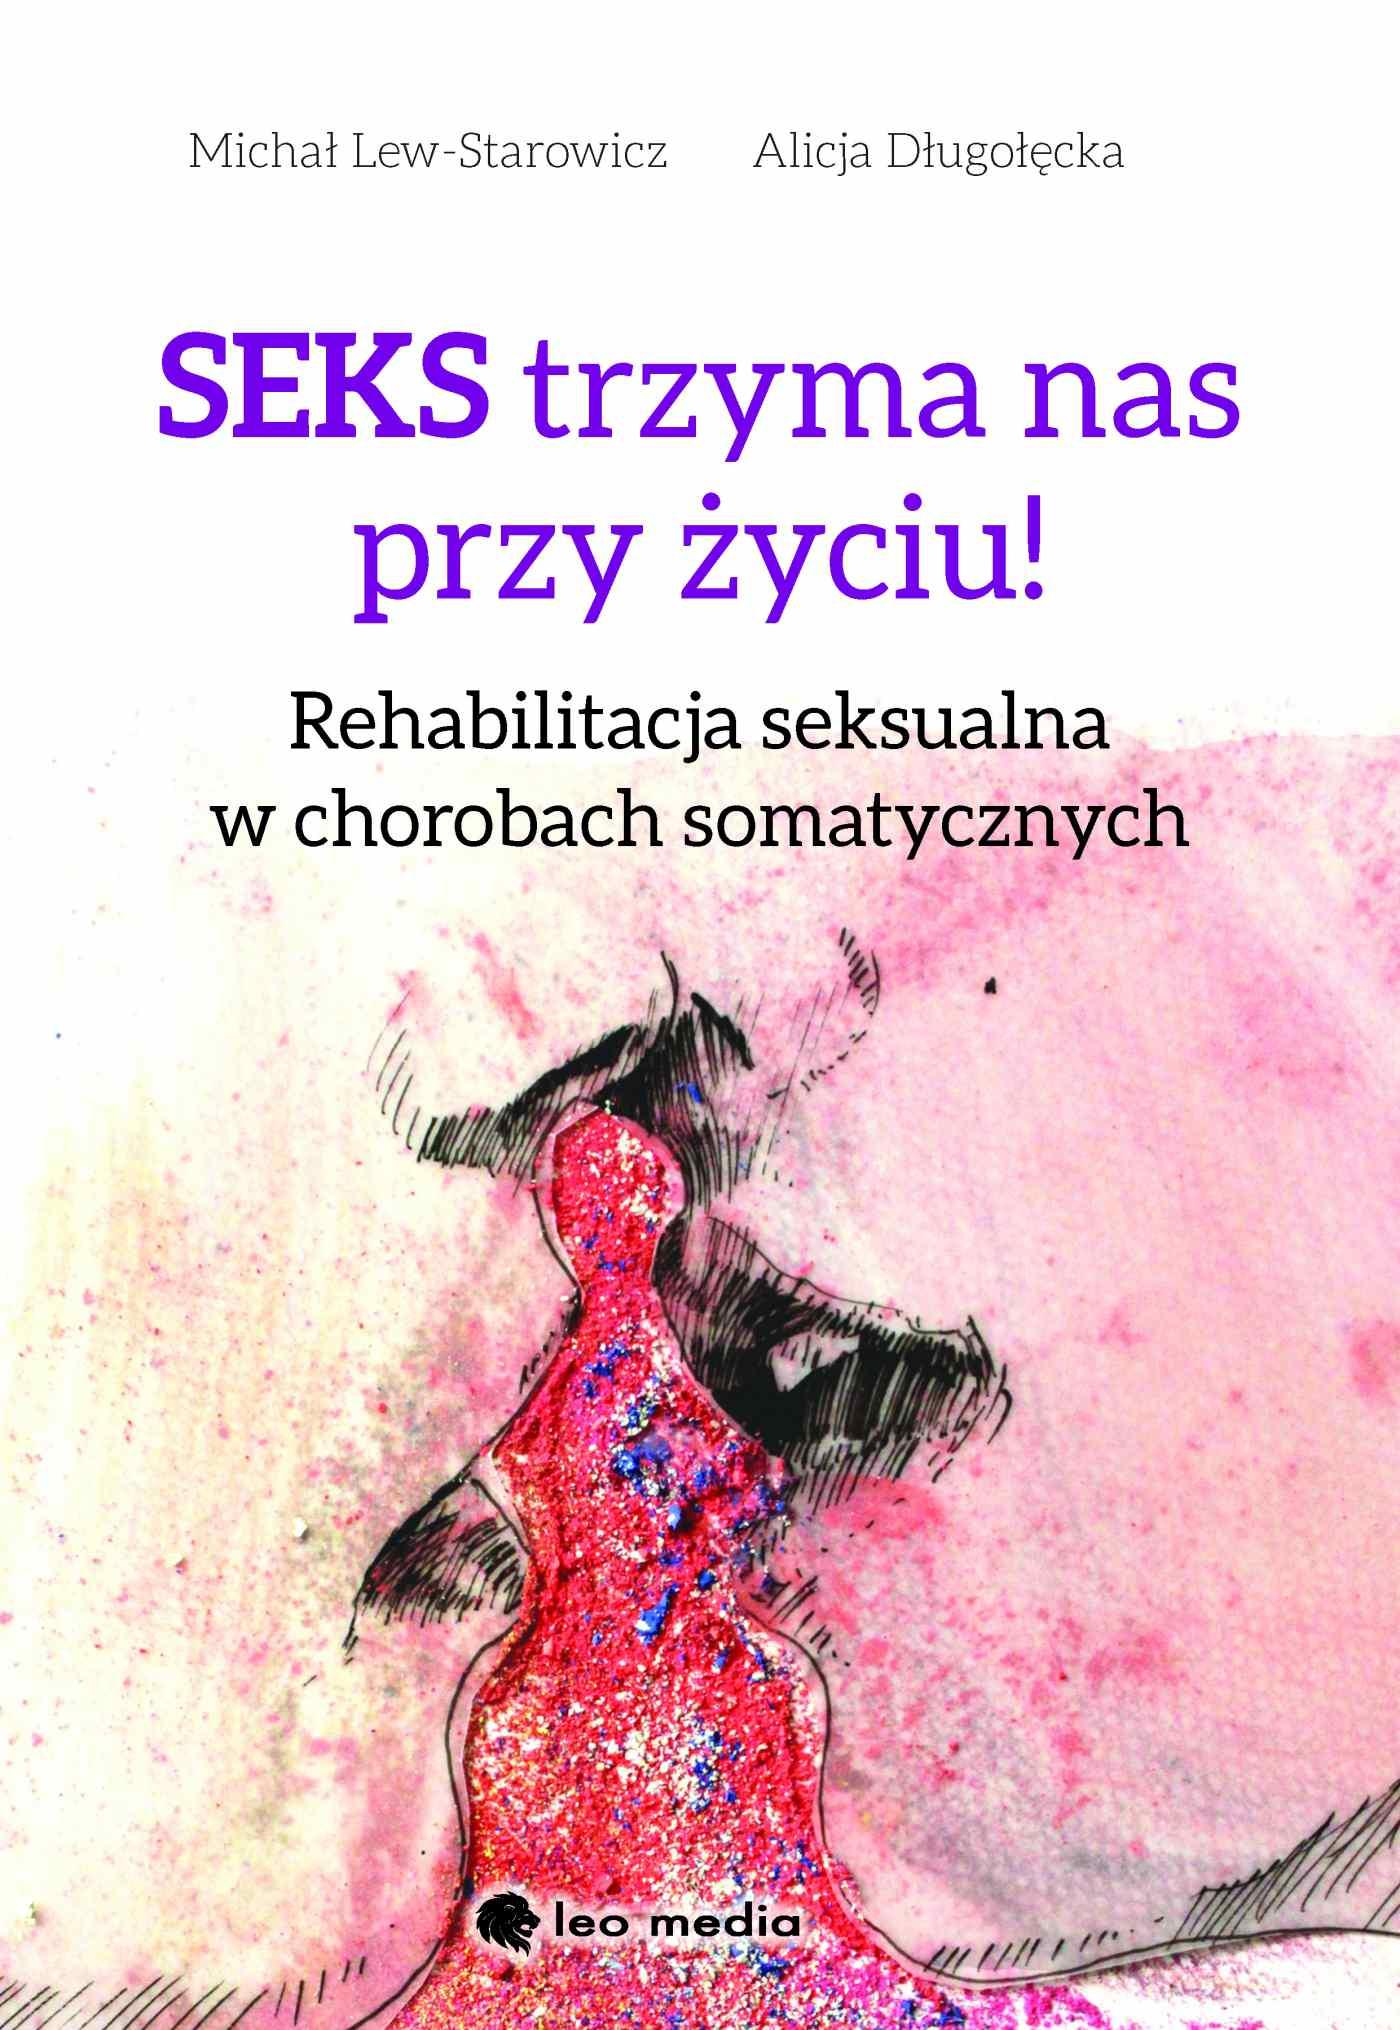 Seks trzyma nas przy życiu. Rehabilitacja seksualna w chorobach somatycznych - Ebook (Książka EPUB) do pobrania w formacie EPUB